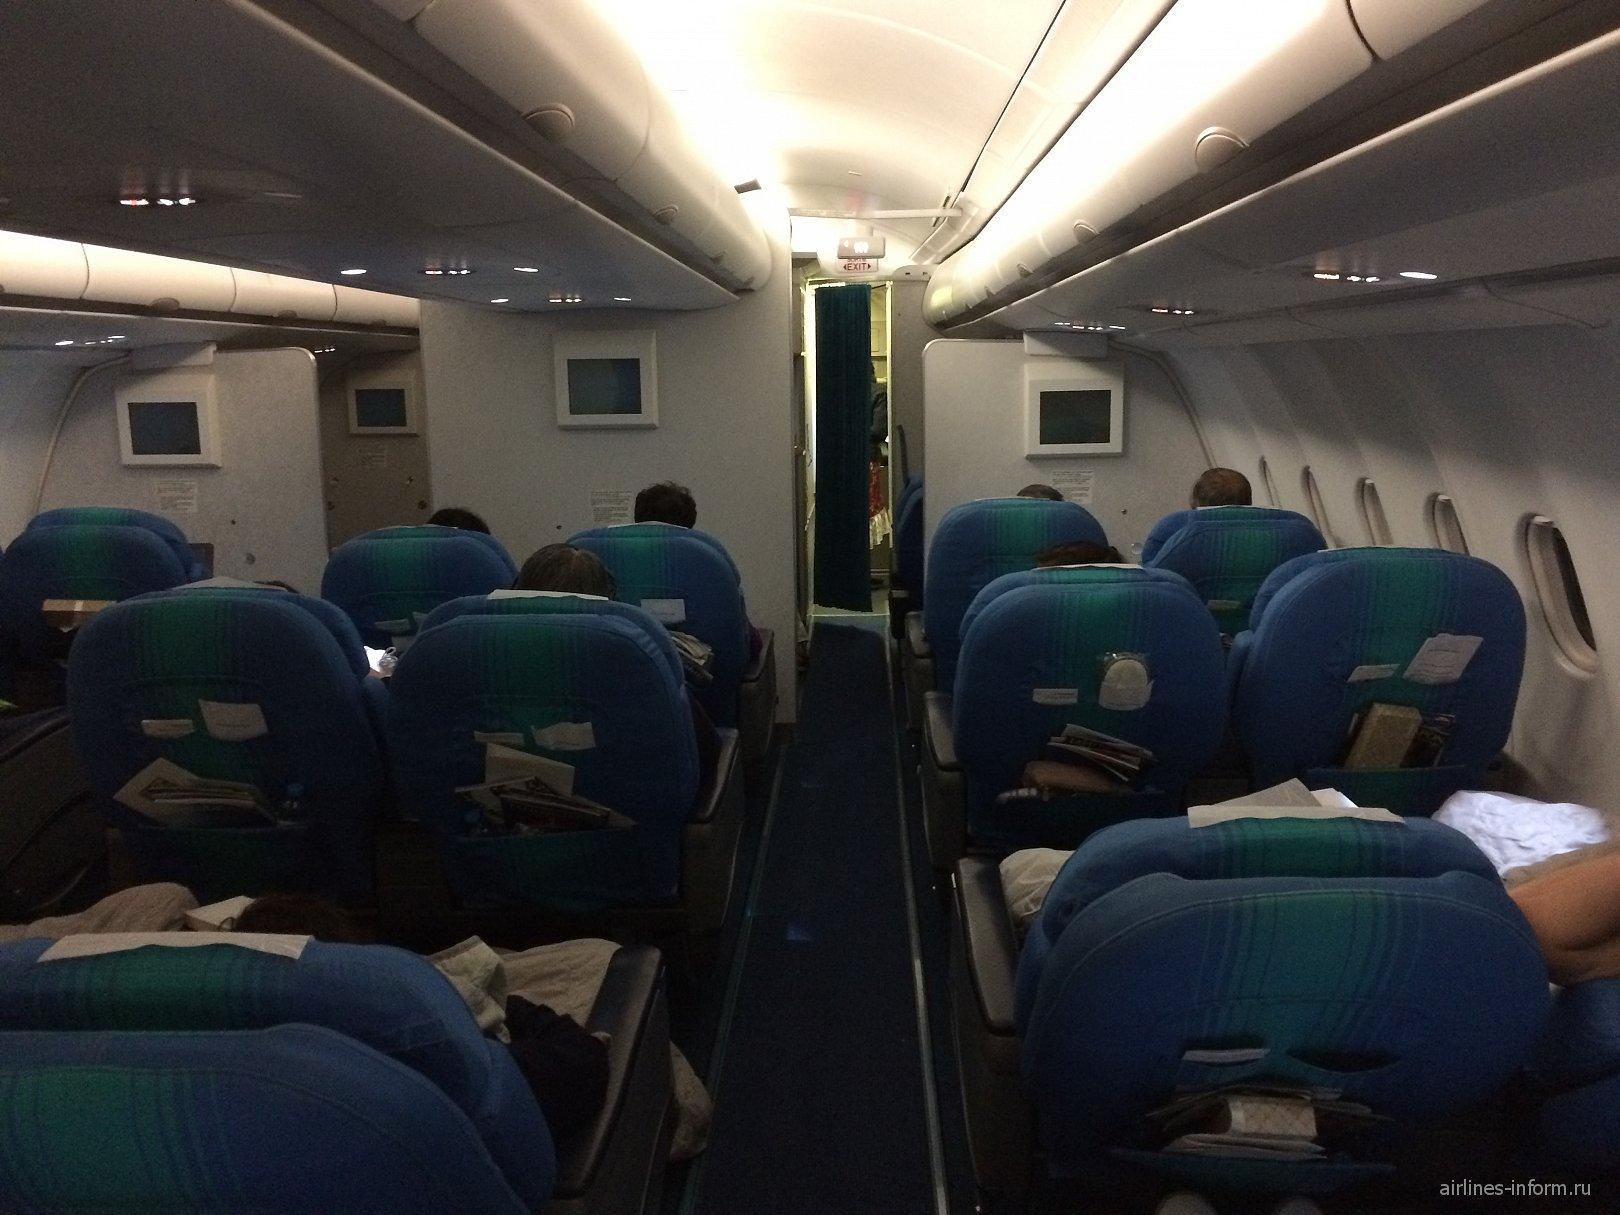 Салон бизнес-класса в самолете Airbus A340-300 авиакомпании Air Tahiti Nui